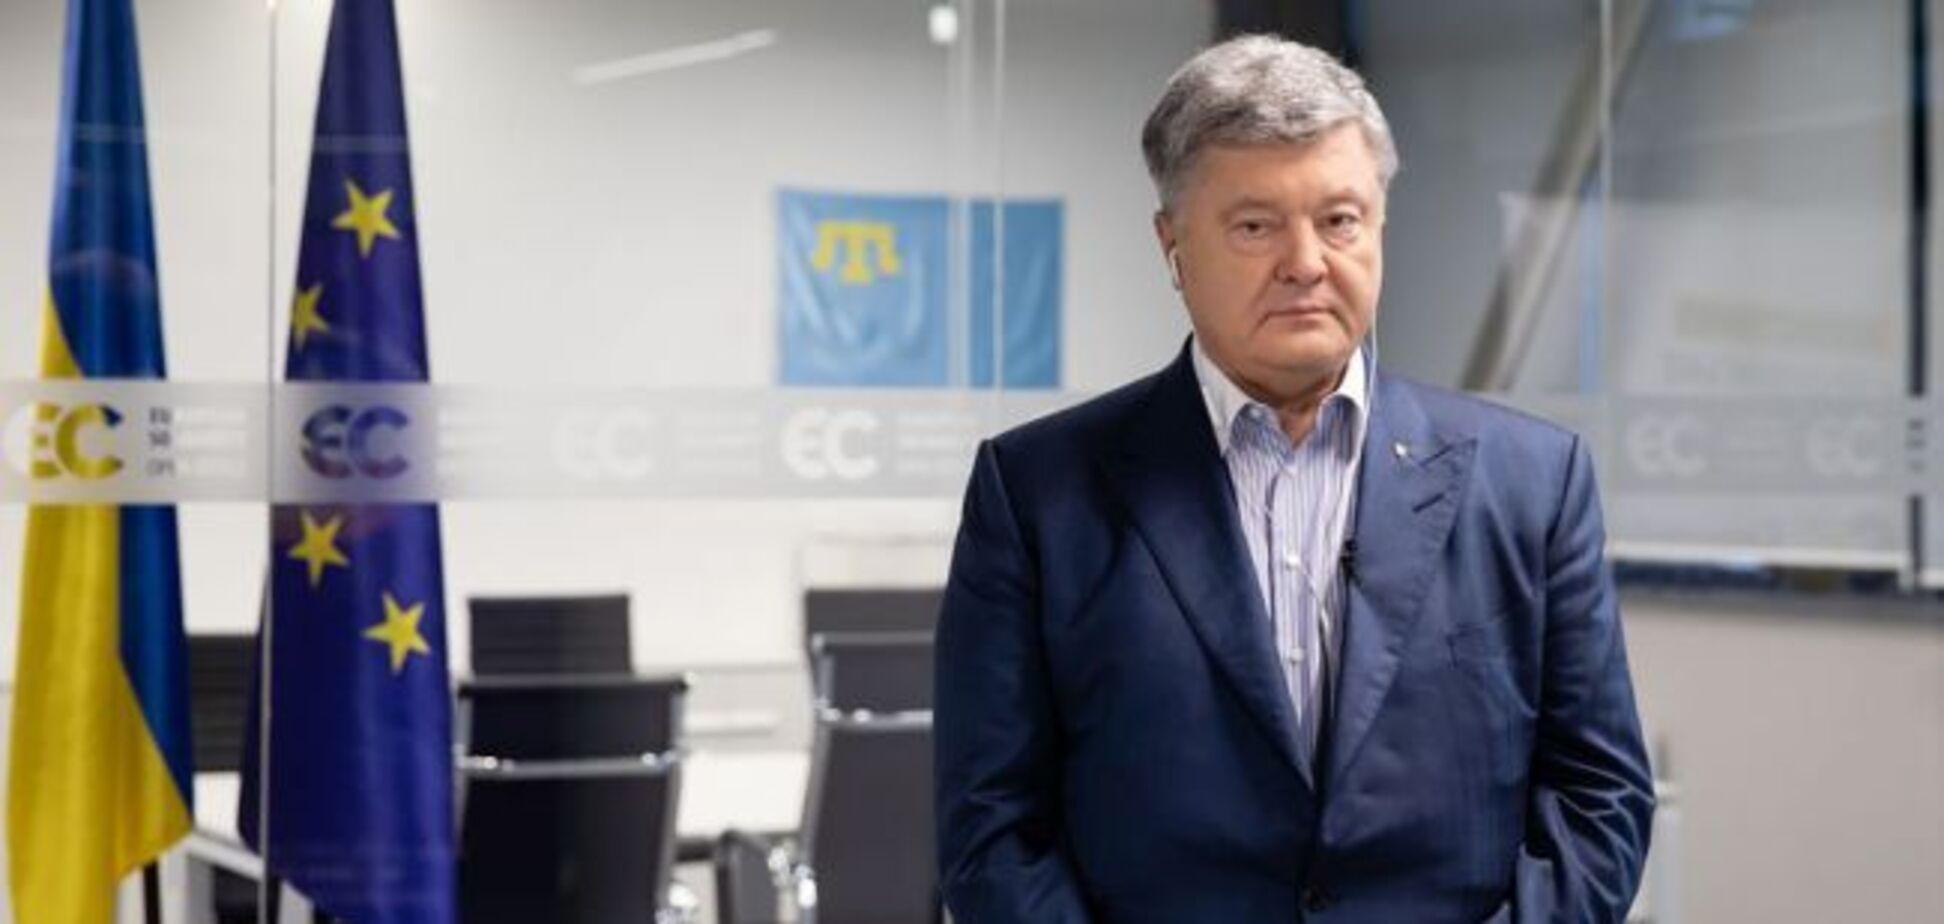 Порошенко - единственный украинский президент, котоый свободно общался на английском на международном уровне